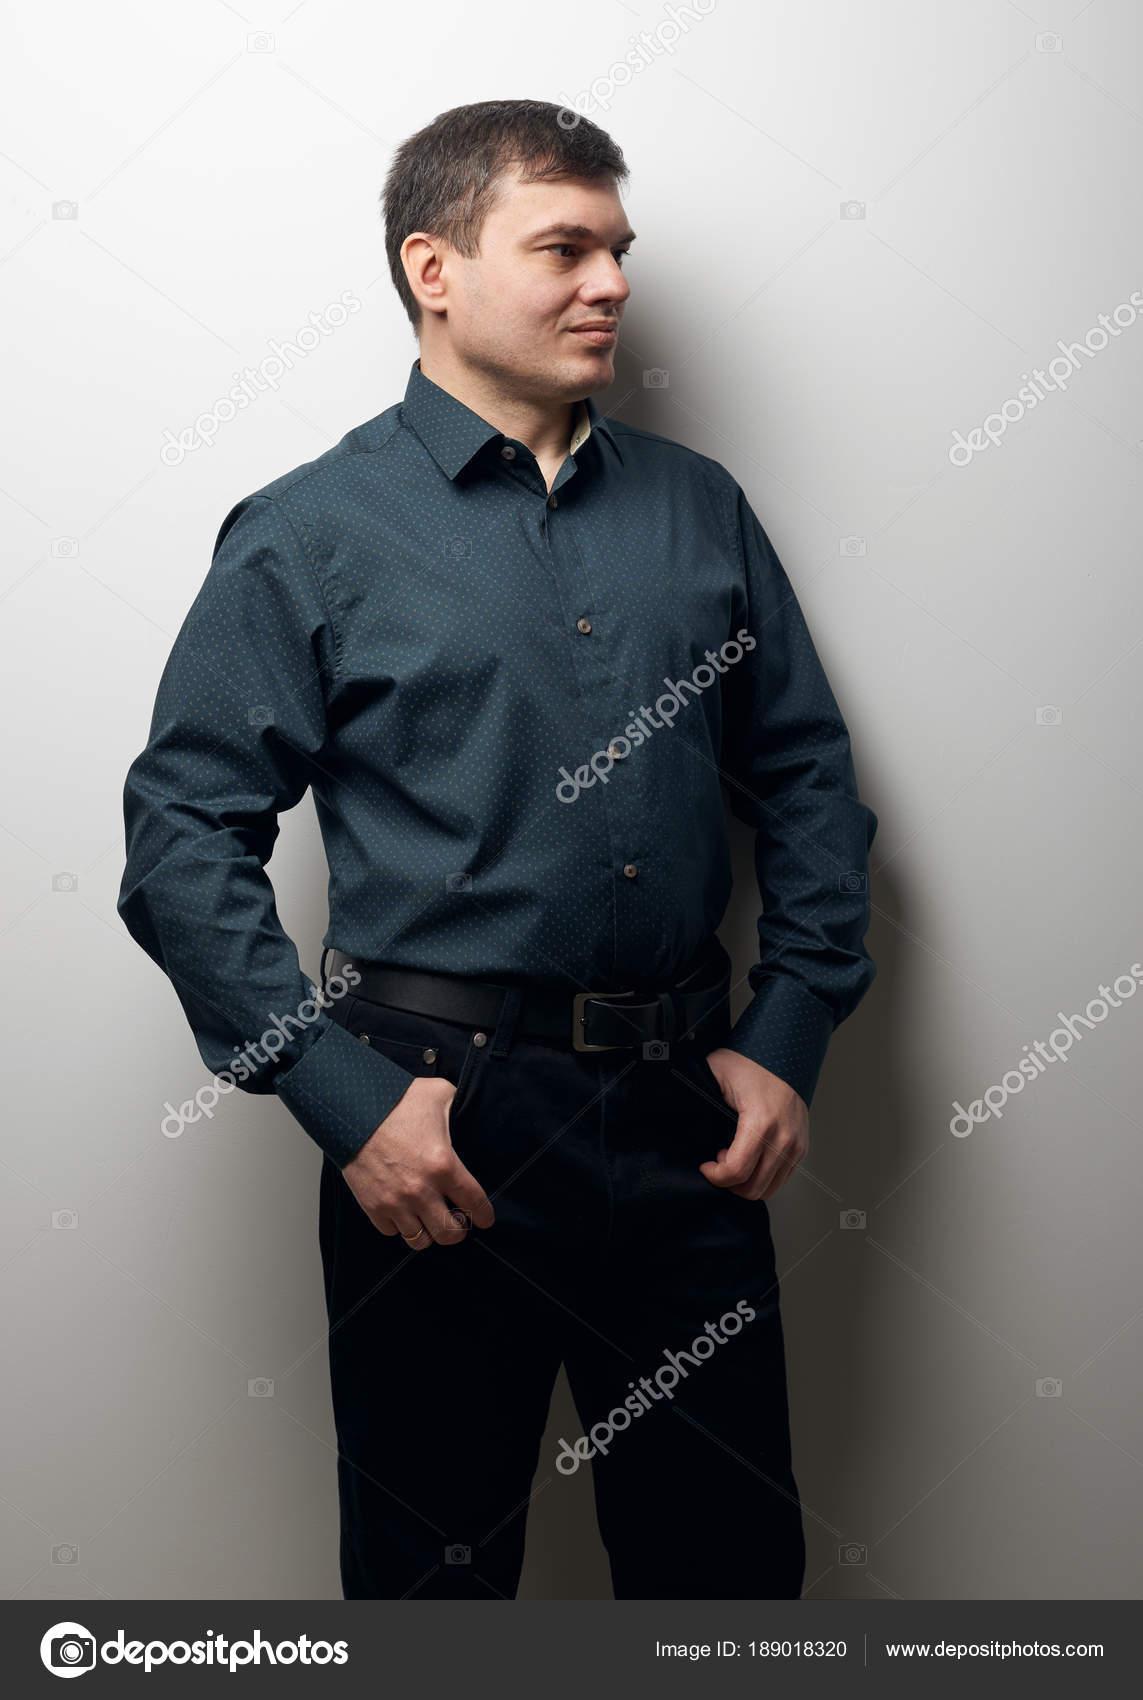 man kijkt opzij, gekleed in donkere shirt en zwarte broek